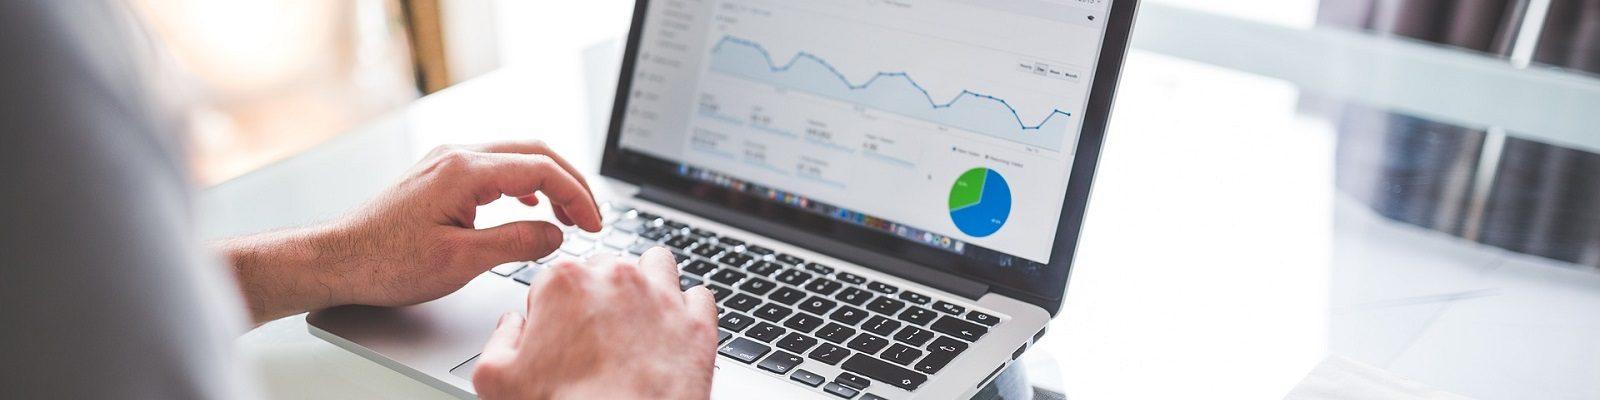 SEO: como aumentar as vendas com o marketing de busca